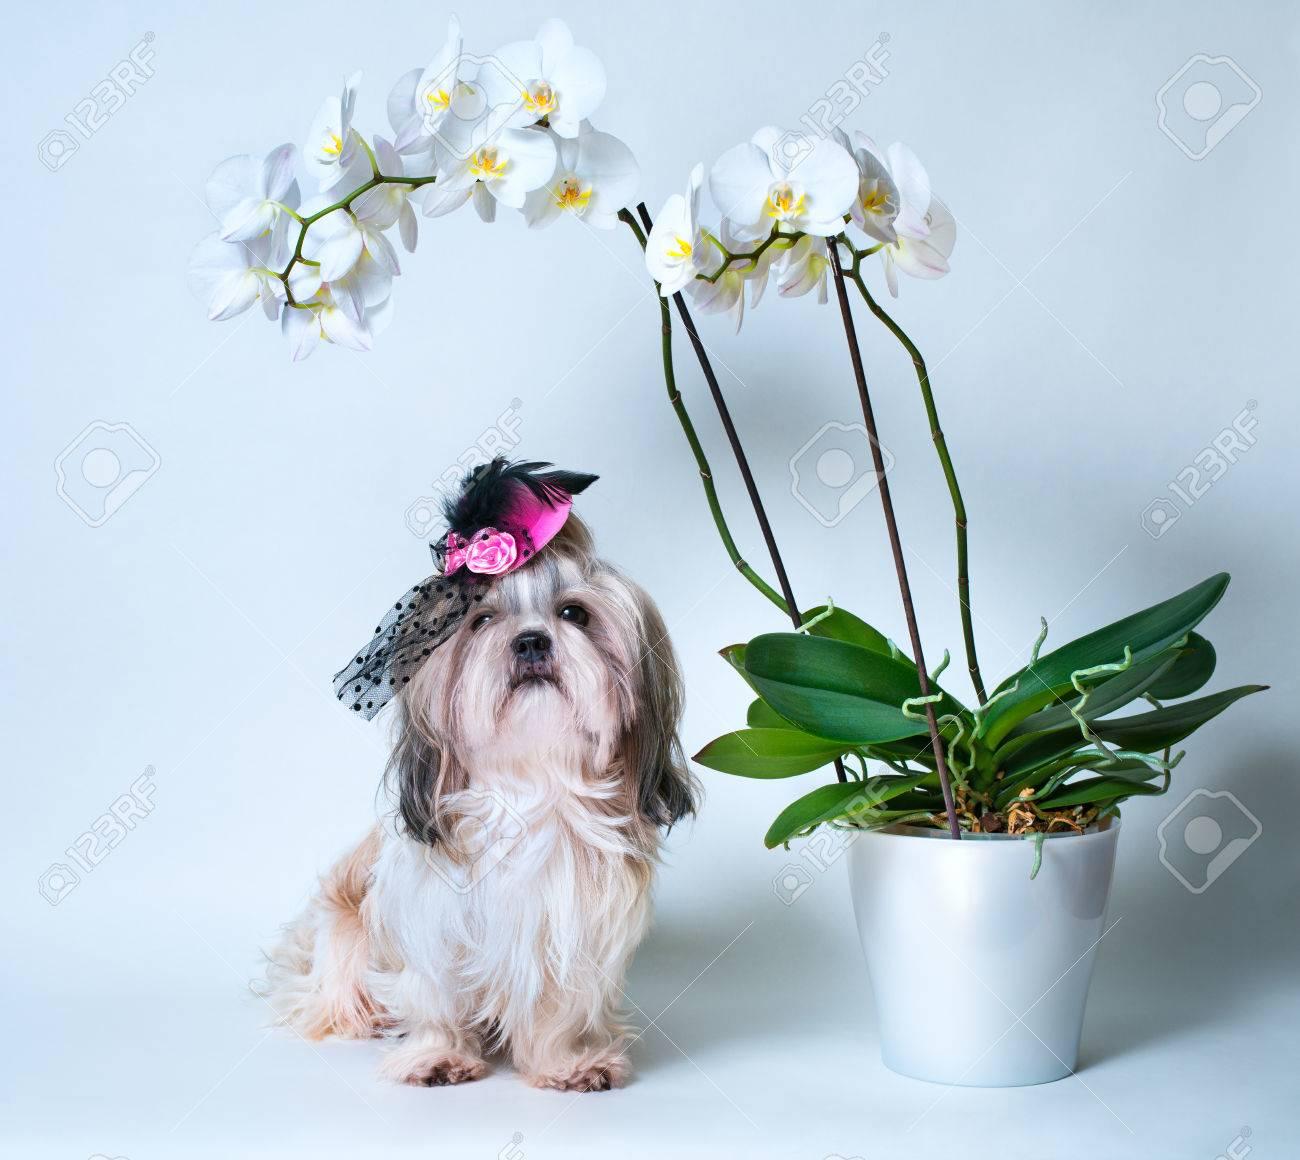 df8057ea37bd5 Foto de archivo - Shih Tzu perros en el sombrero de color rosa sentado en  virtud del gran flor de orquídea blanca. En el fondo blanco.